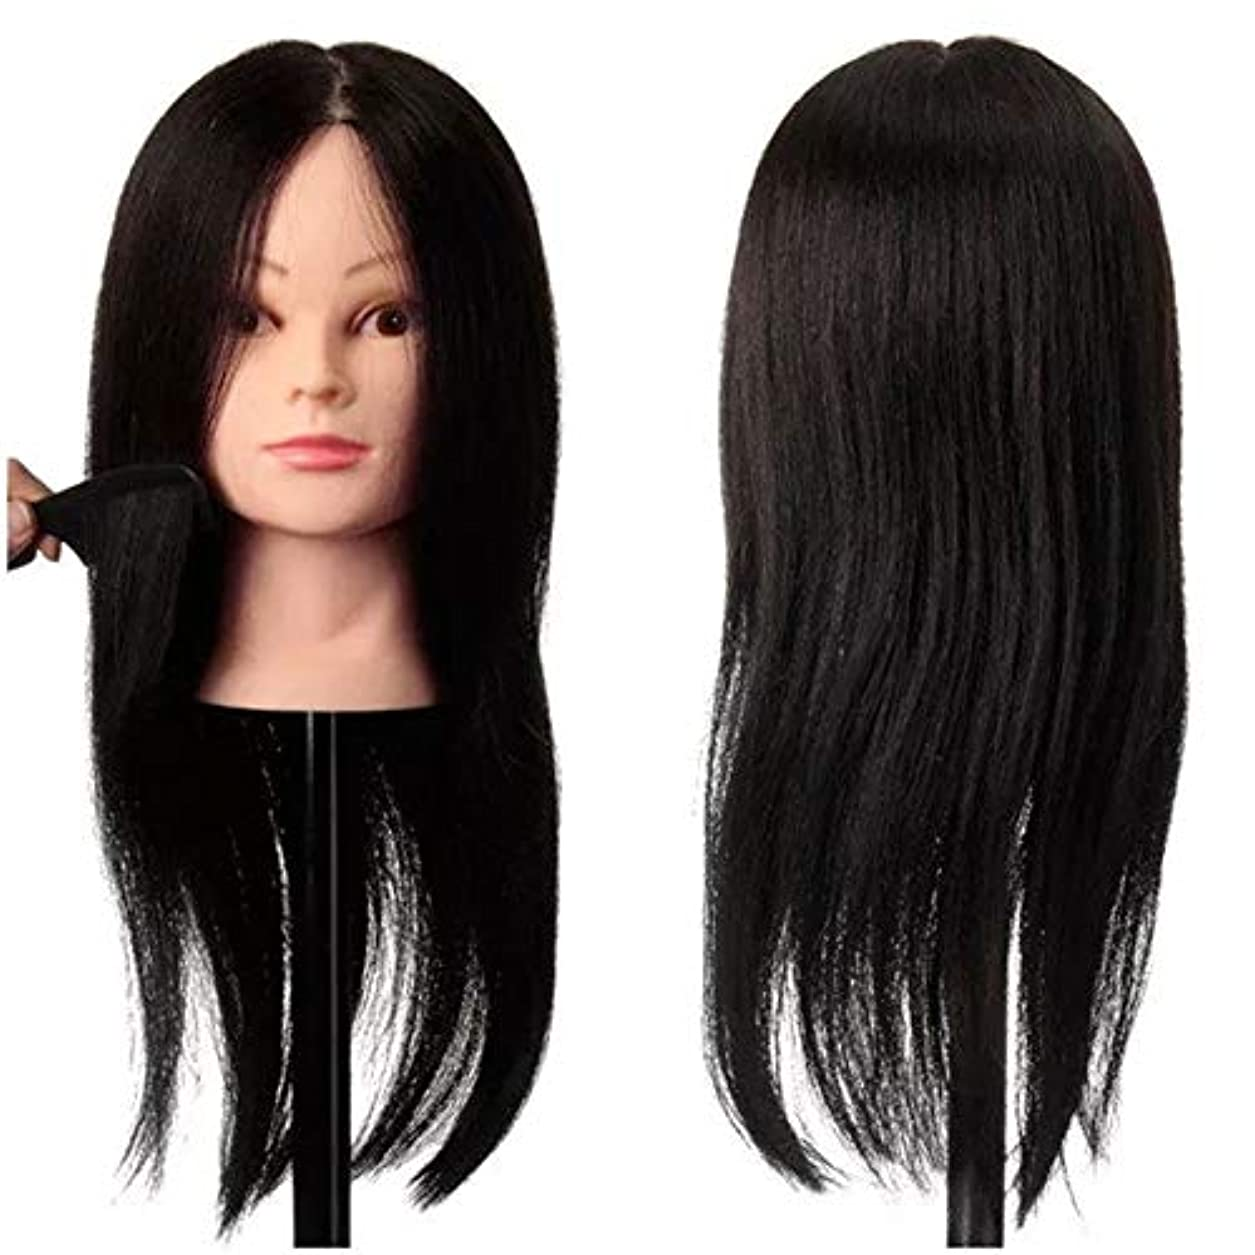 を必要としています沼地まっすぐにするウイッグ マネキンヘッド クランプホルダを切断100%黒の練習マネキン本物の人間の髪の毛のトレーニング頭理髪 練習用 (色 : ブラック, サイズ : 25*16*12cm)